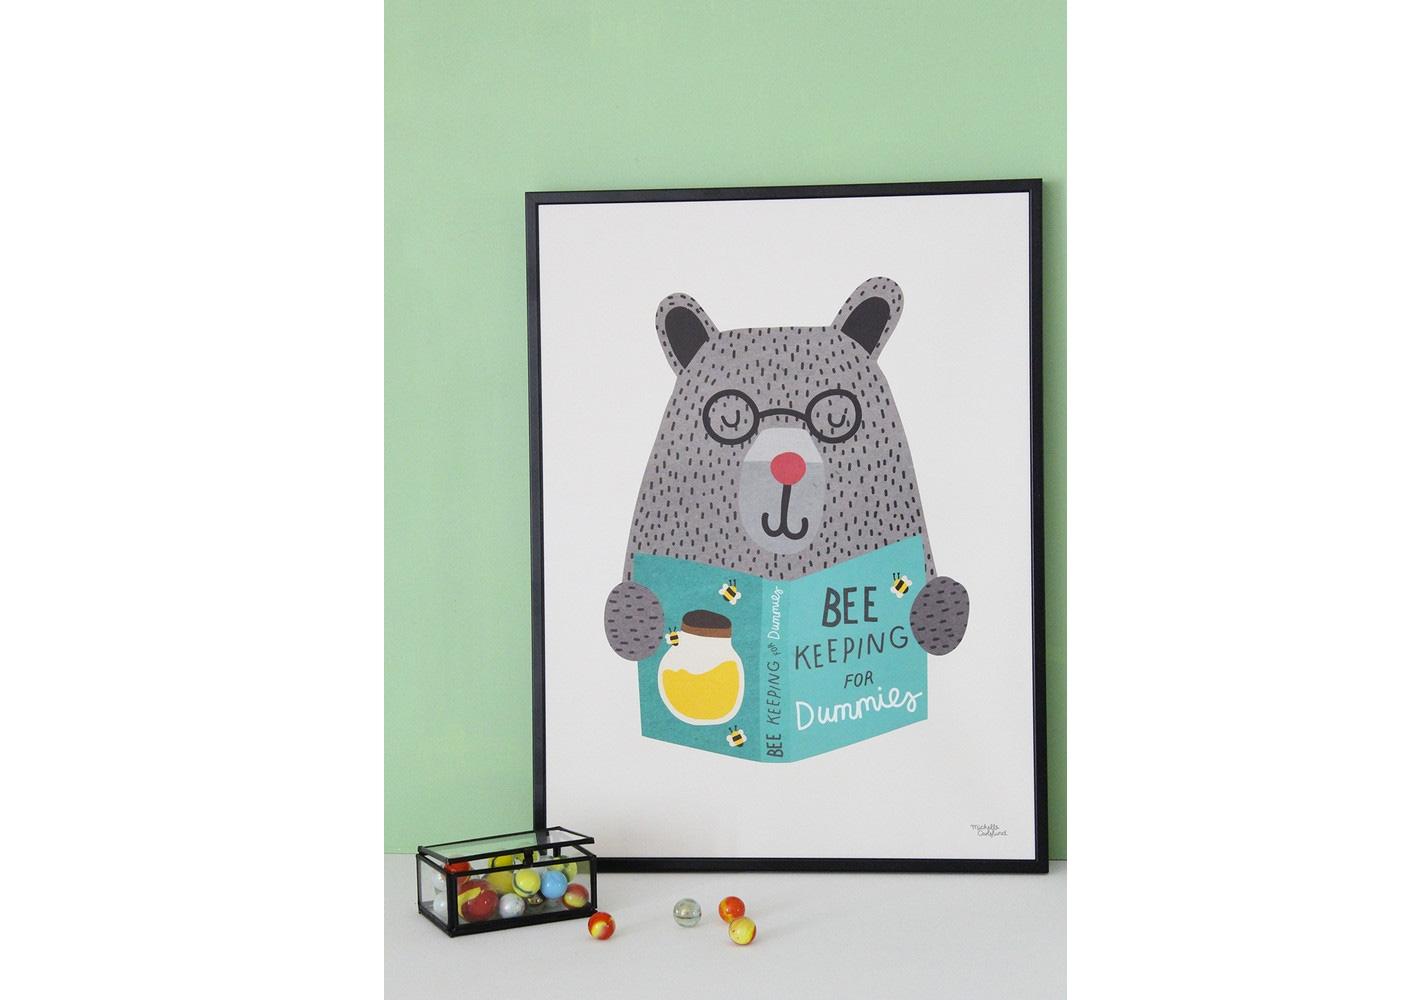 Affiche Bee Keeping - MICHELLE CARLSLUND